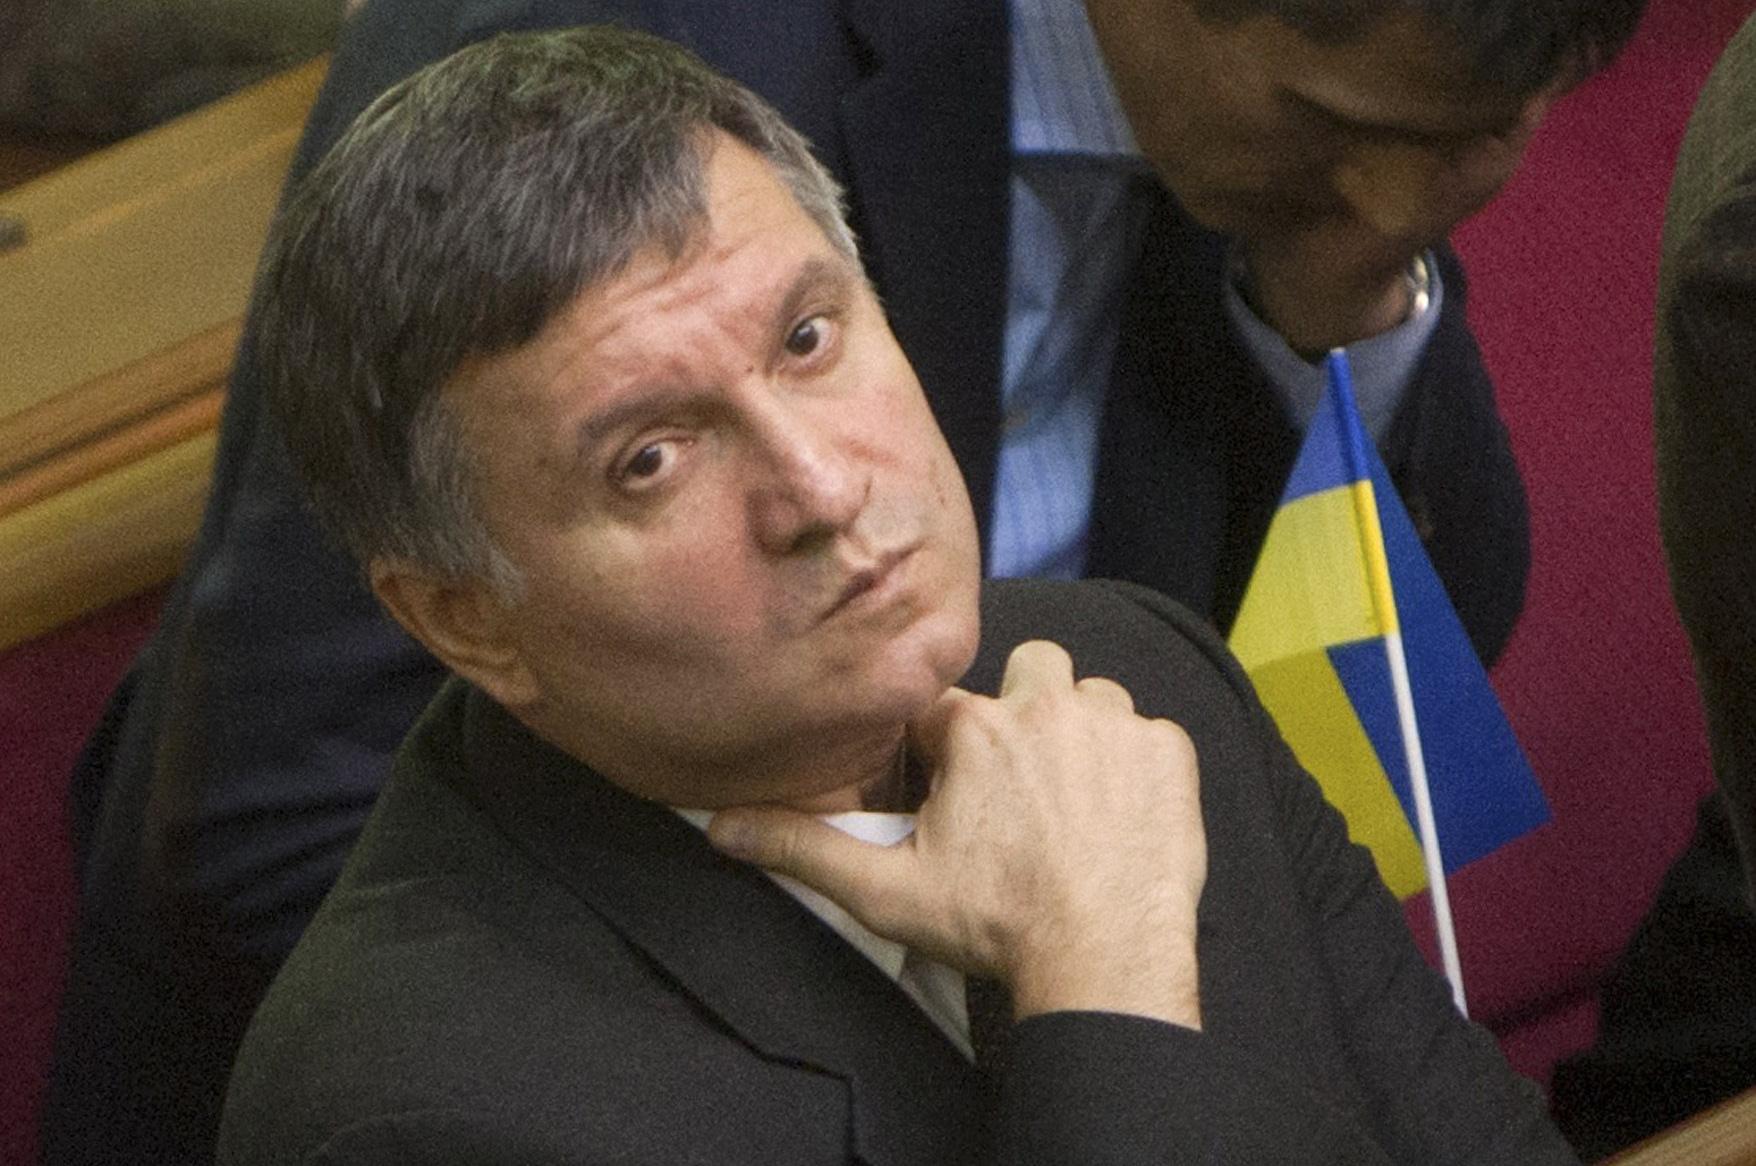 Выборы в Чернигове: МВД открыло дело по фальшивым печатям